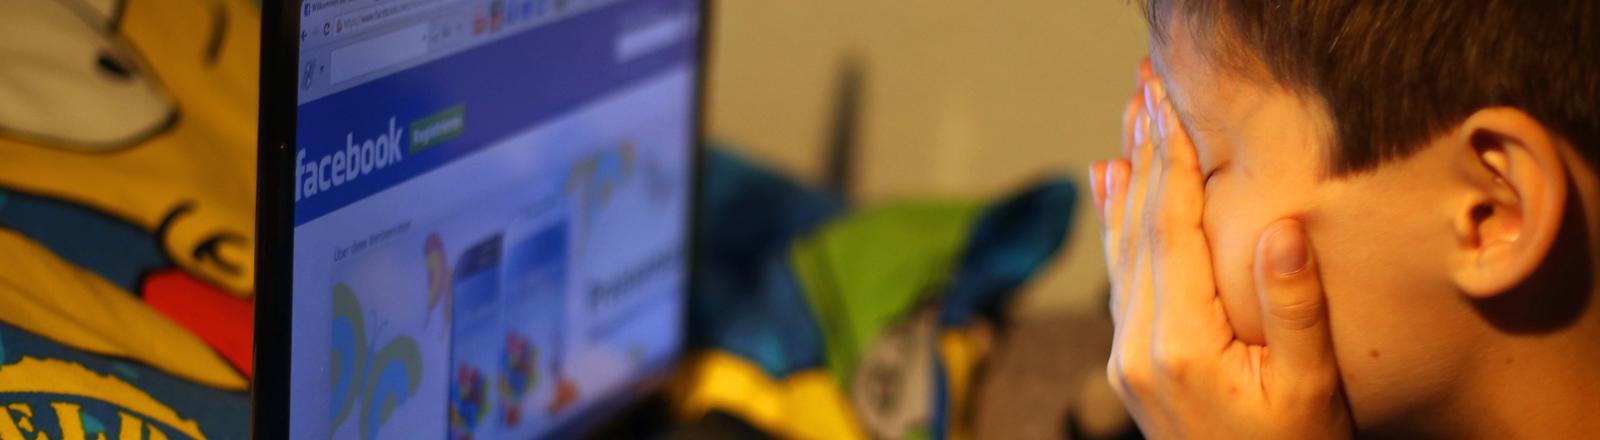 Eine Junge sitzt vor seinem Laptop und hält sich die Augen zu.